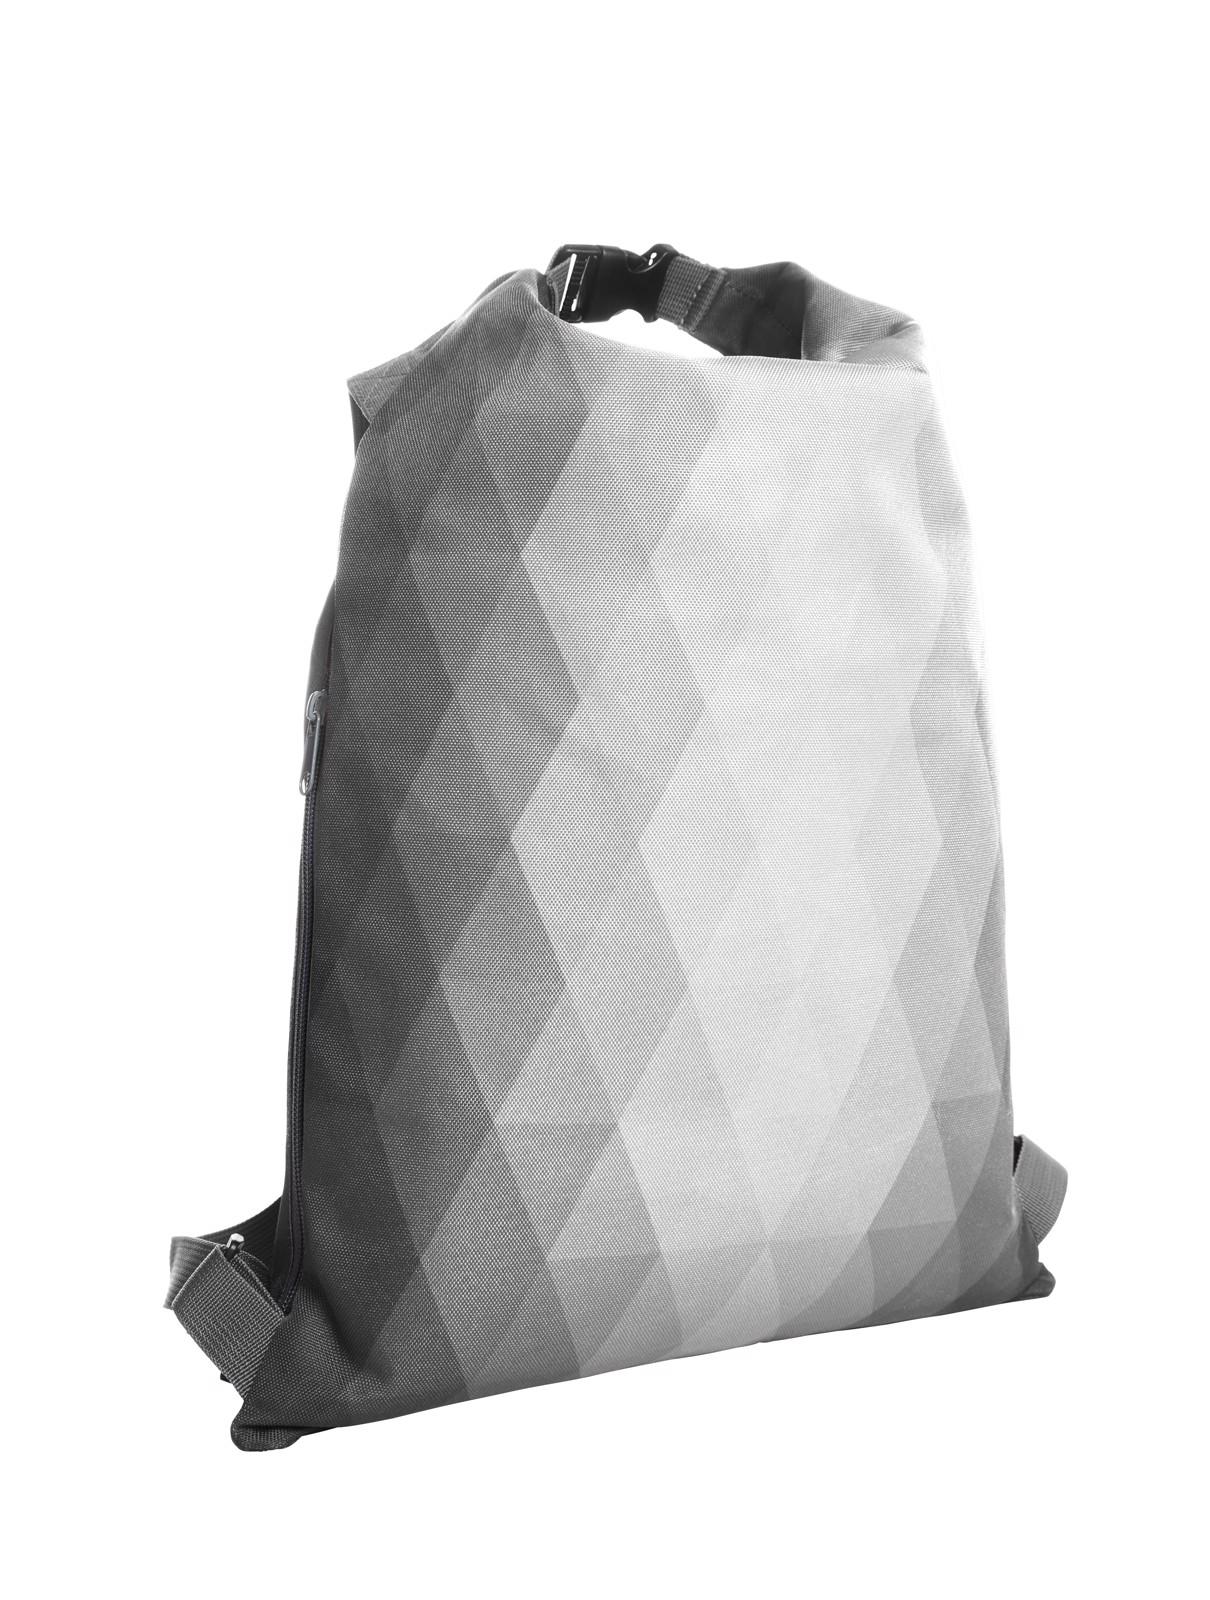 Batoh Diamond - Světle Šedá